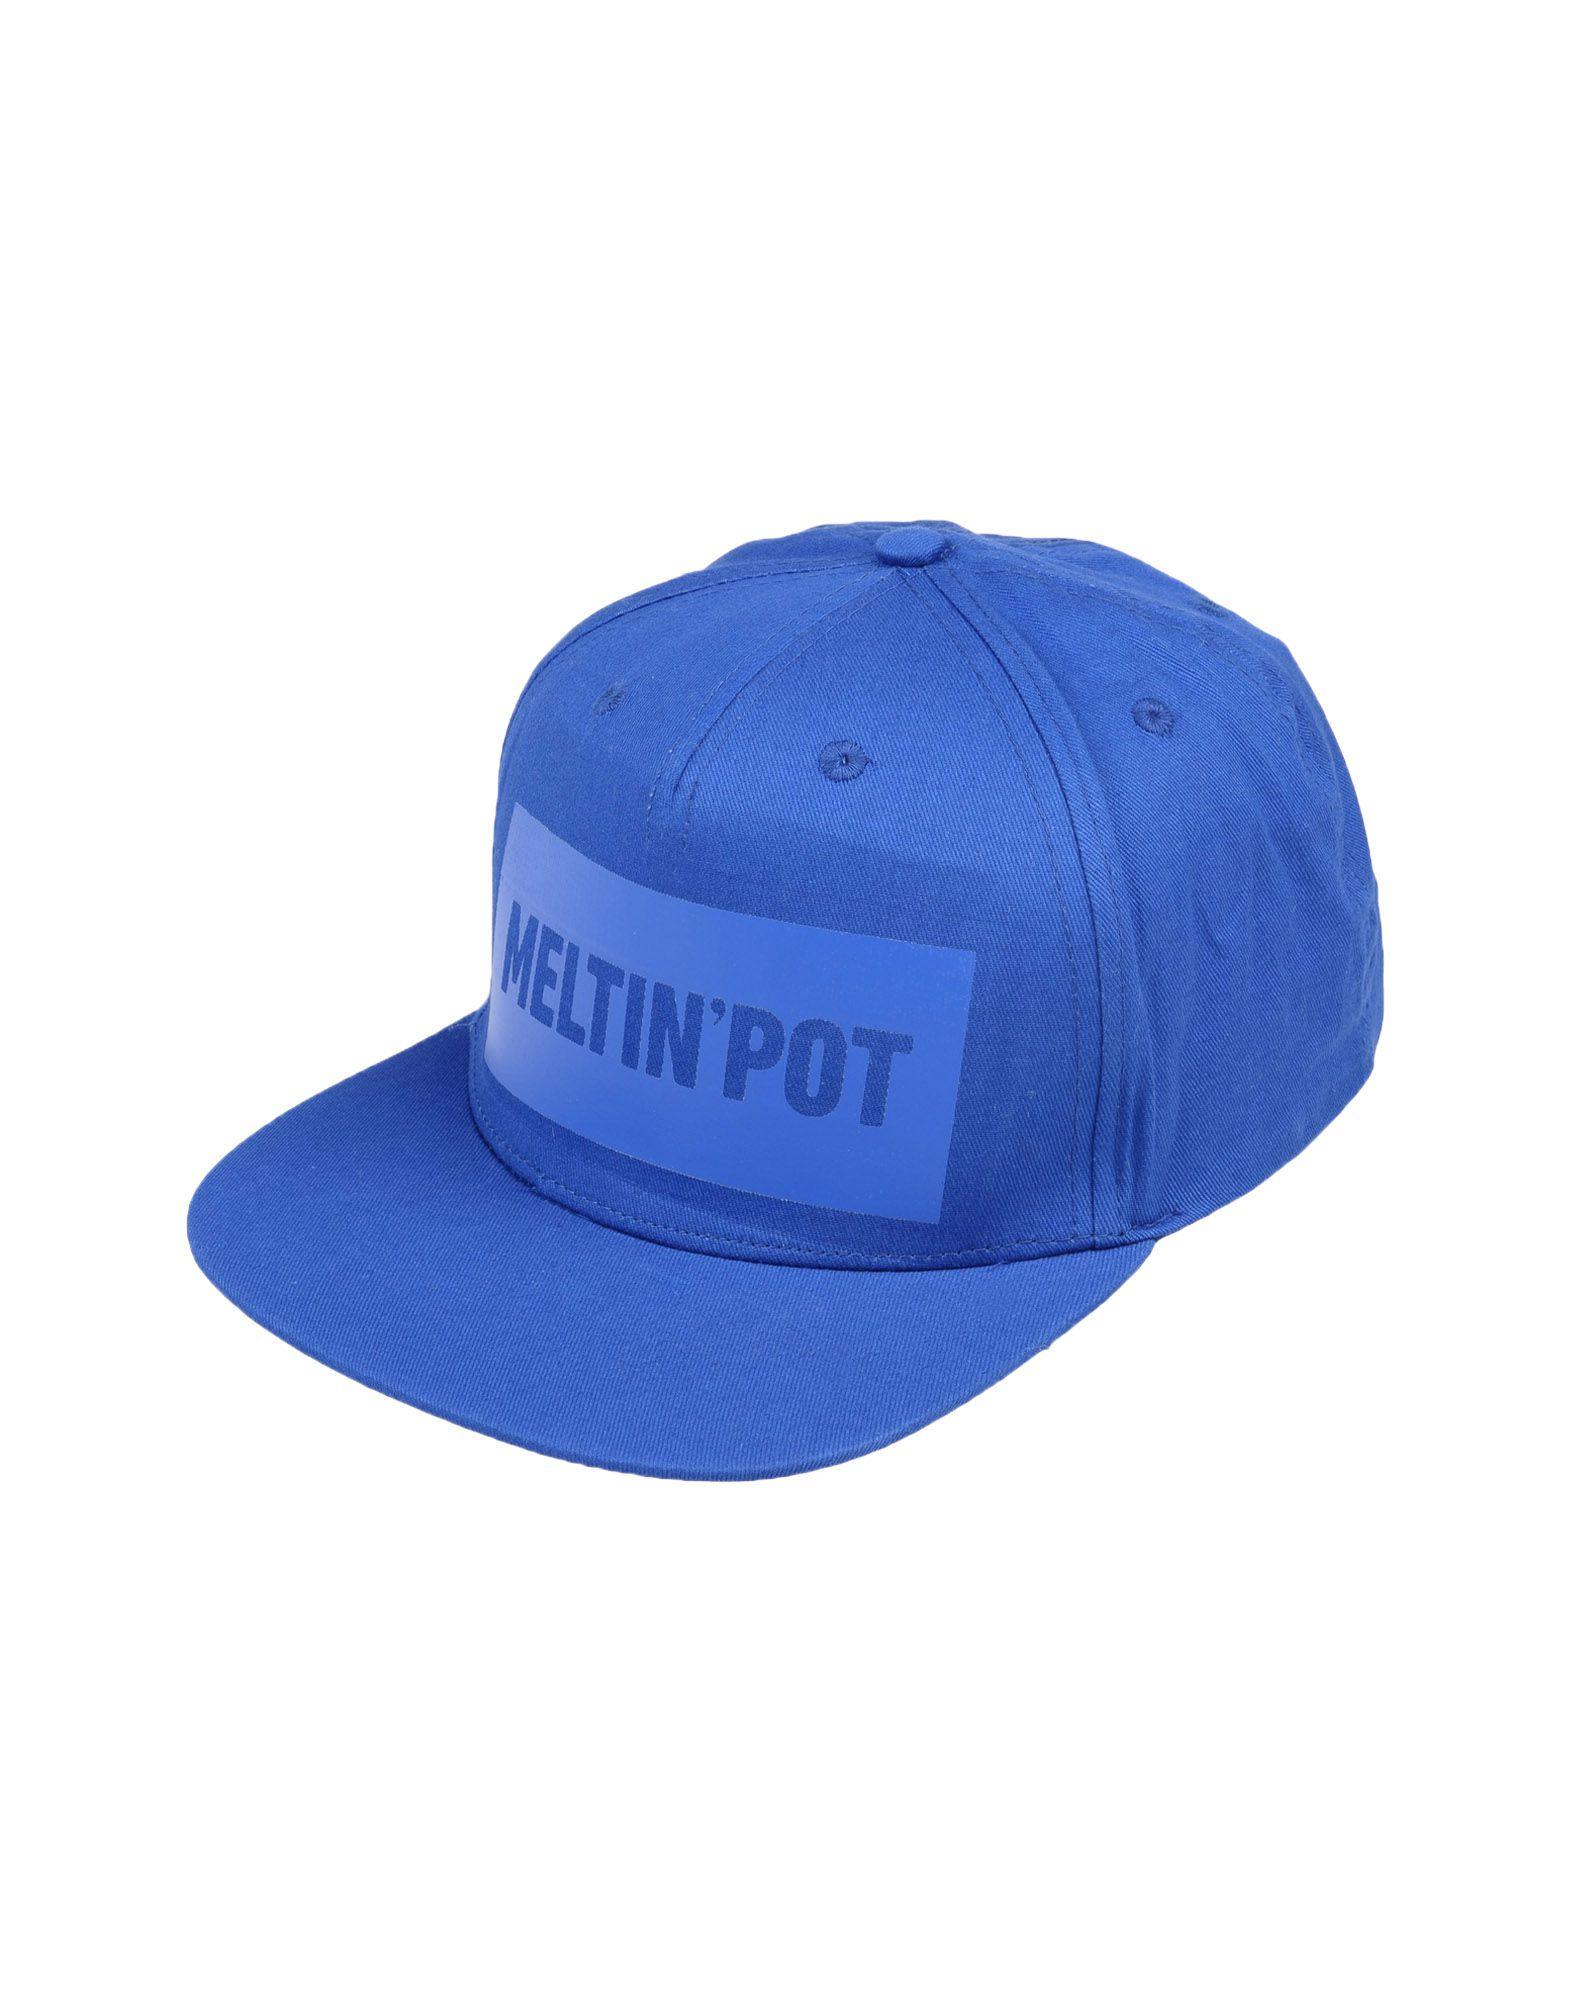 《送料無料》MELTIN POT メンズ 帽子 ブルー one size コットン 100%